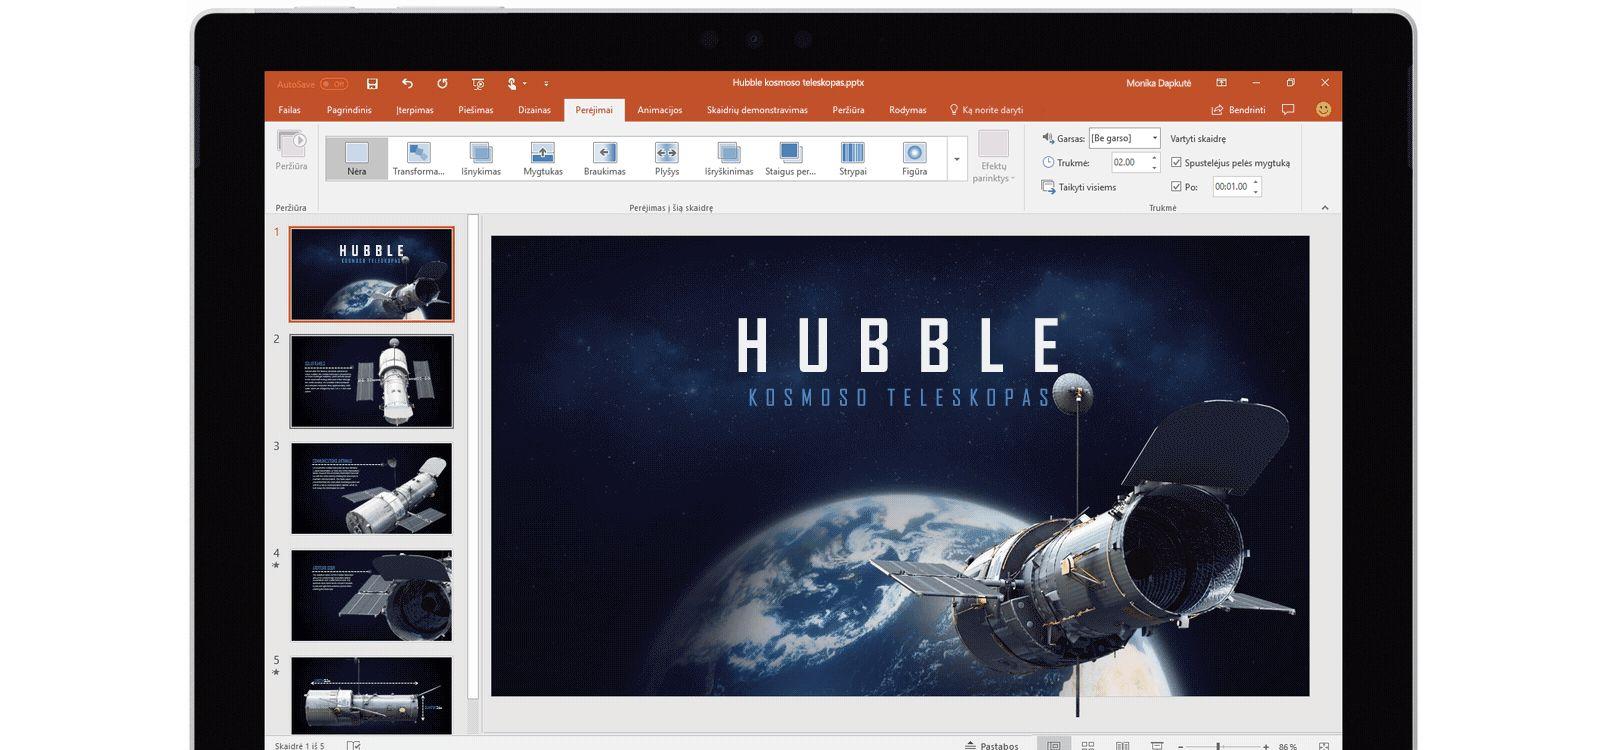 """Planšetinio kompiuterio ekranas, kuriame rodoma transformacija, naudojama """"PowerPoint"""" pateiktyje apie teleskopus"""